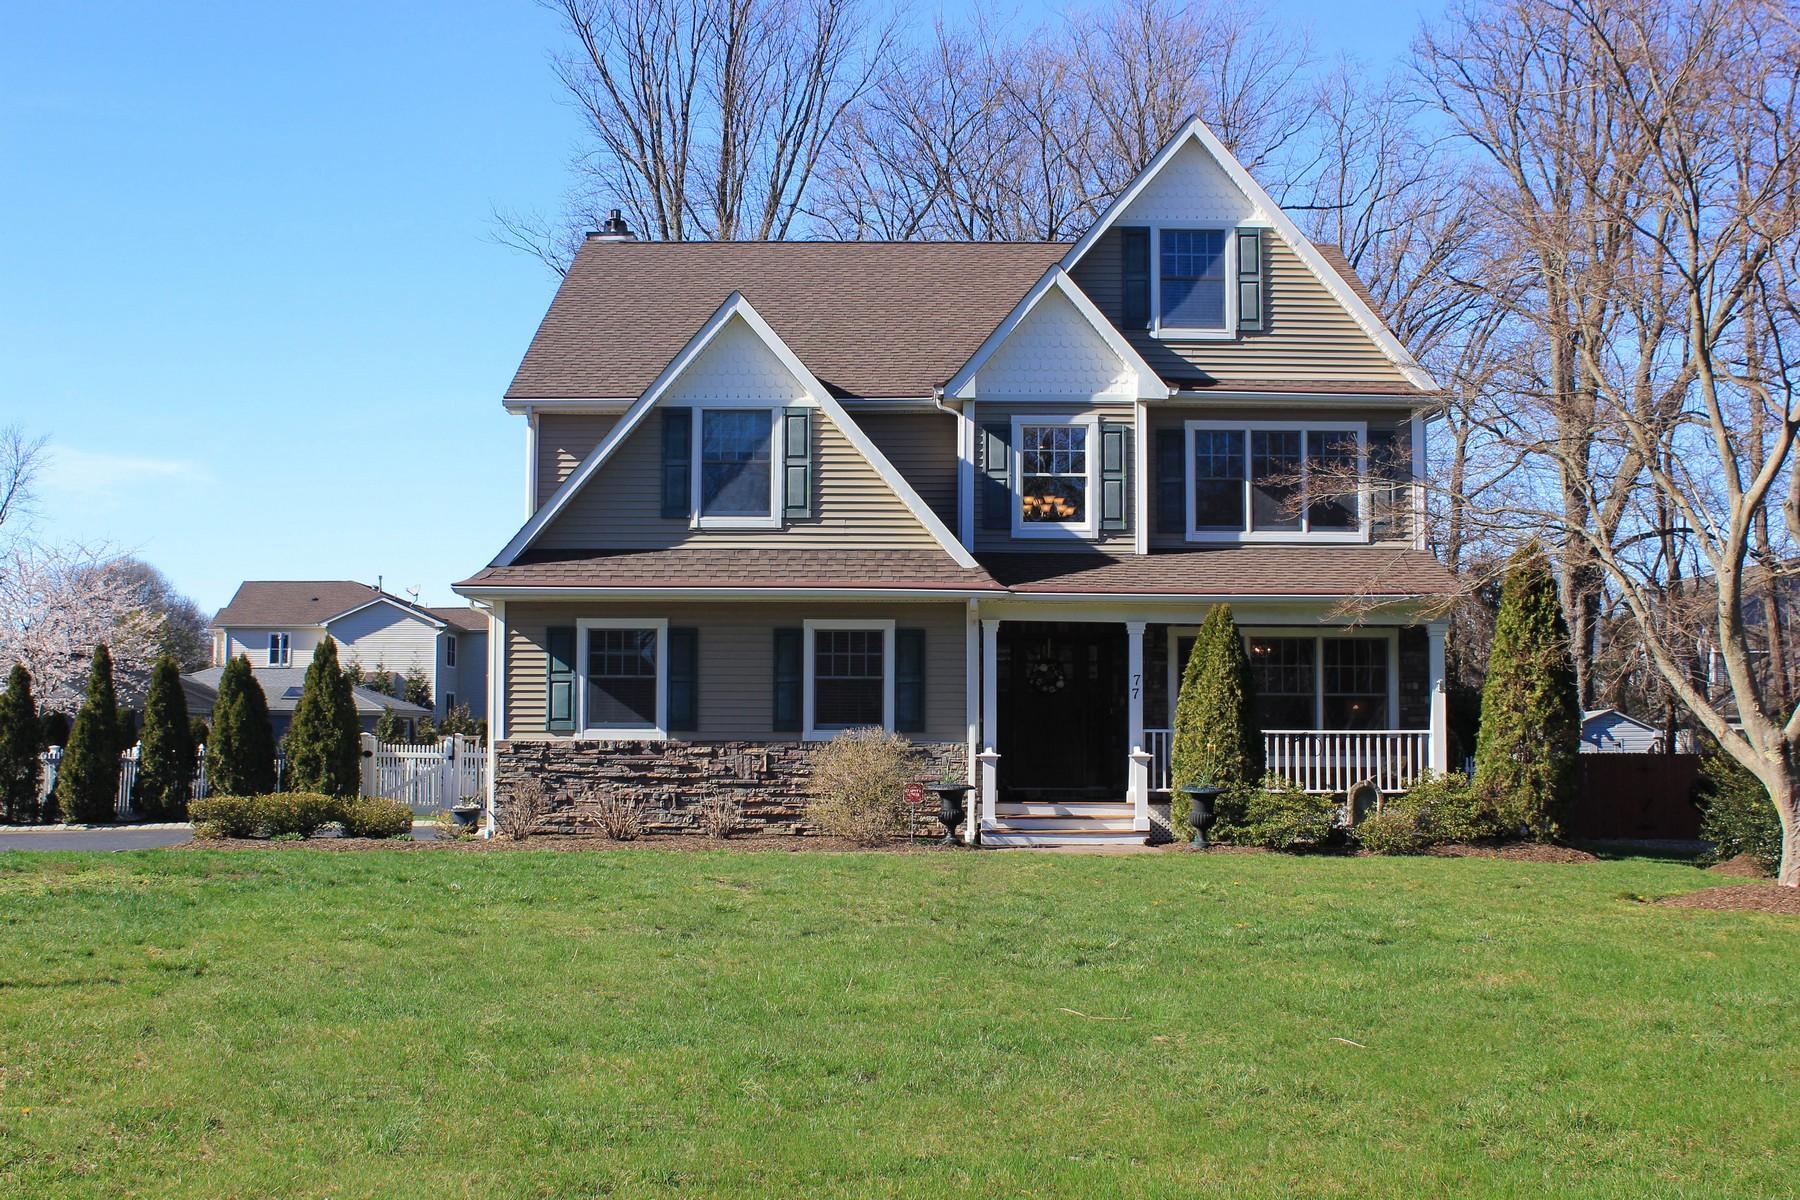 独户住宅 为 销售 在 77 Sycamore Ave. 小银镇, 新泽西州 07739 美国